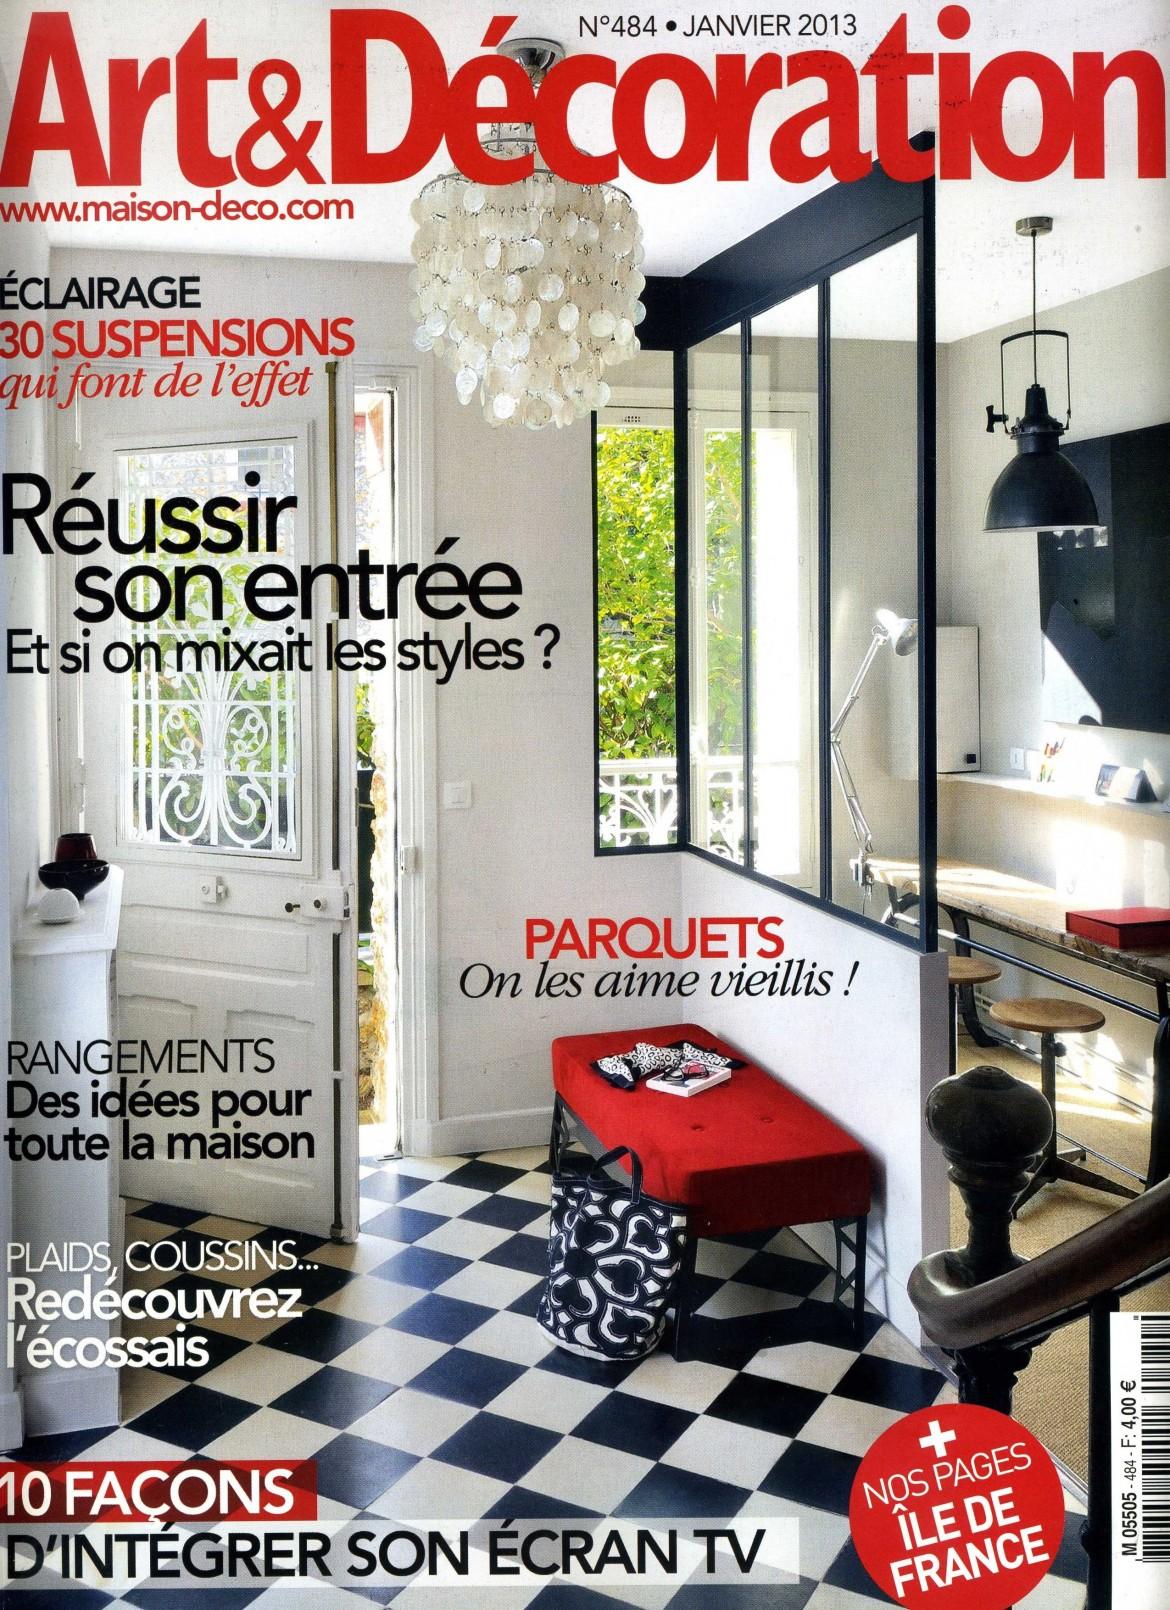 2013-01 Mise au Verre dans Art & Decoration